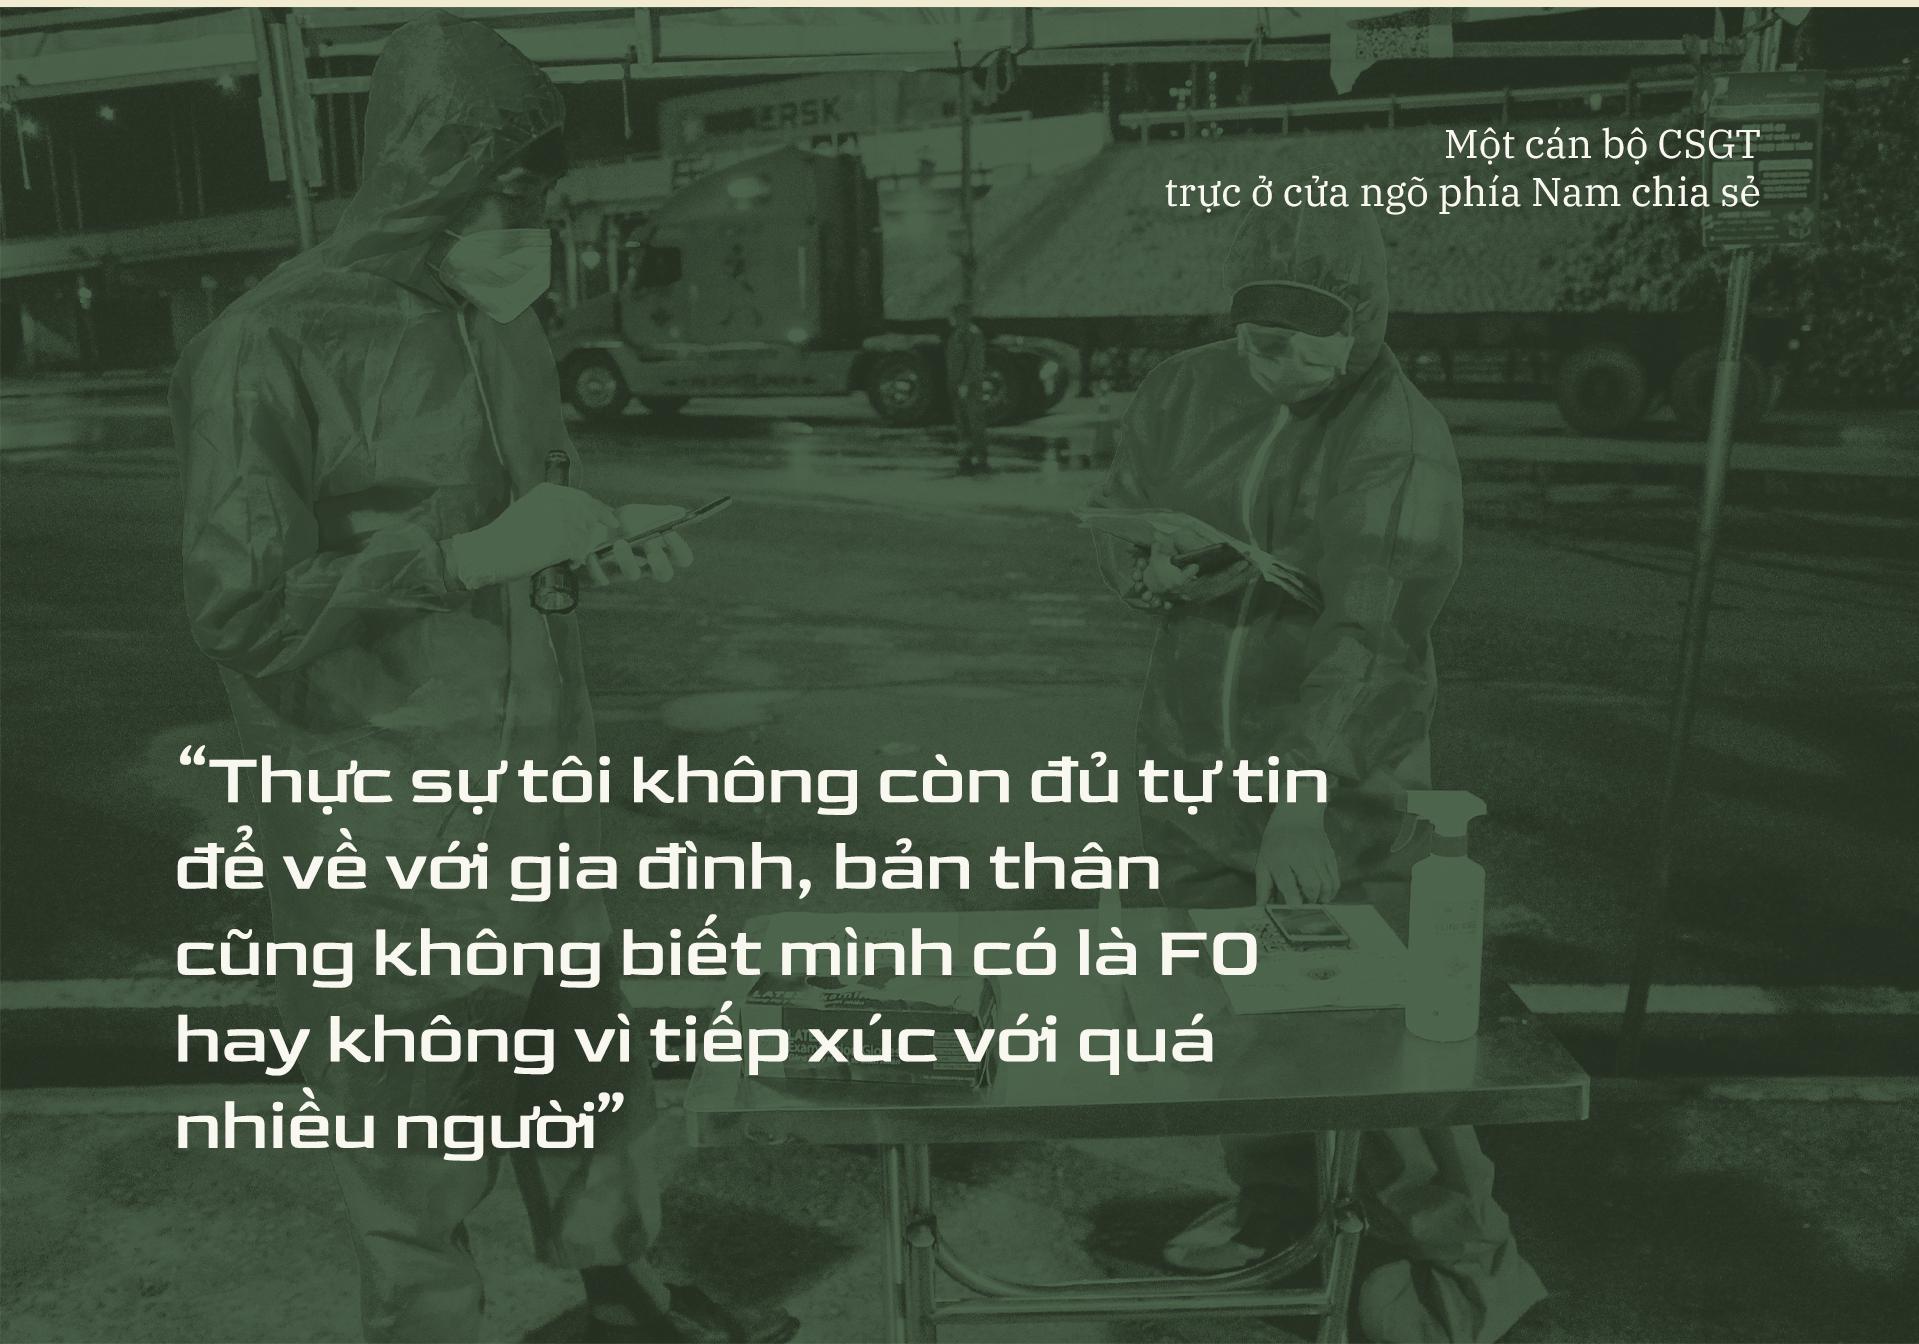 Emagazine: CSGT TP.HCM - Tấm lá chắn trong cuộc chiến với COVID-19 - ảnh 14